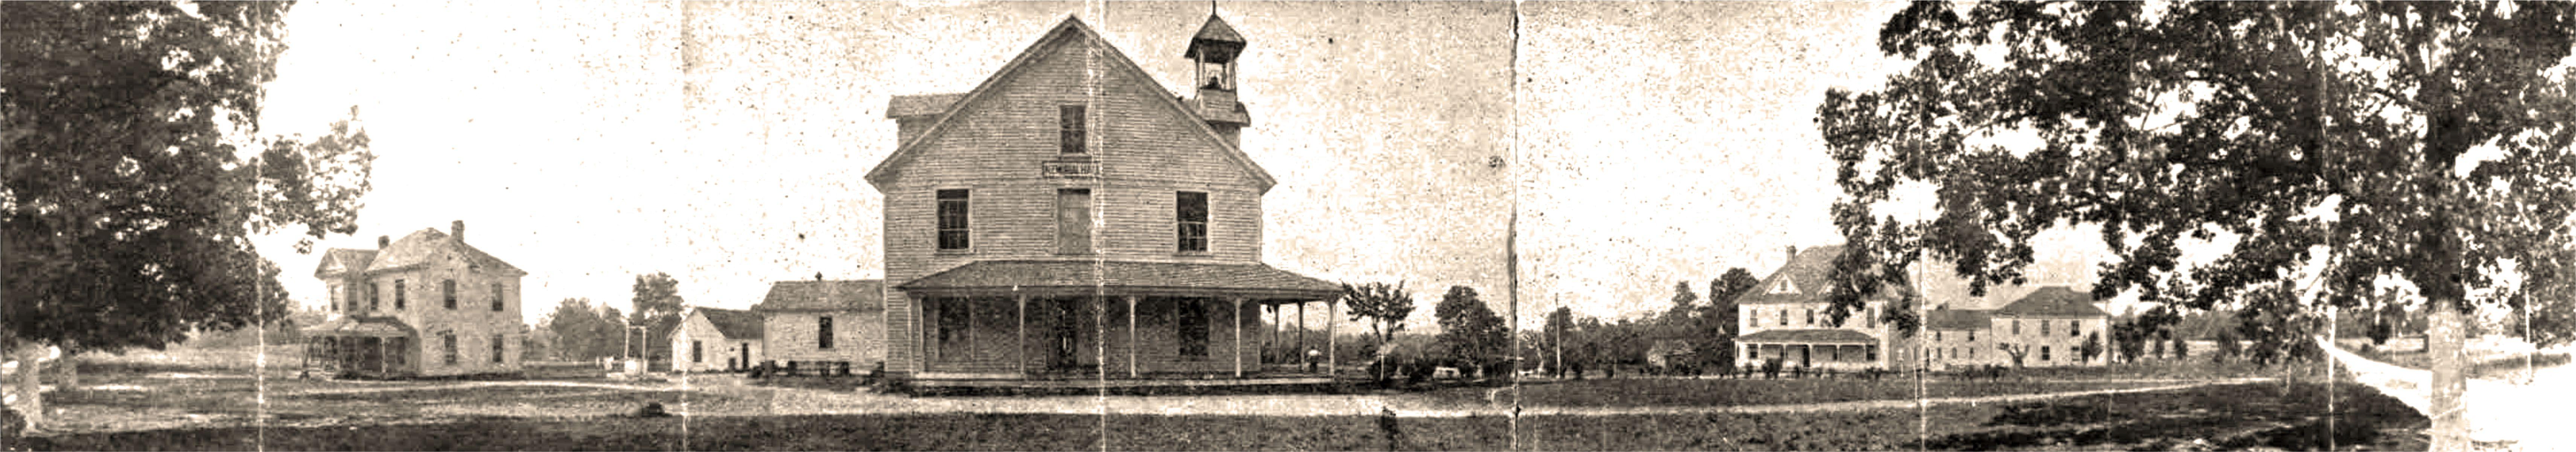 Campus of Palmer Memorial Institute, 1915